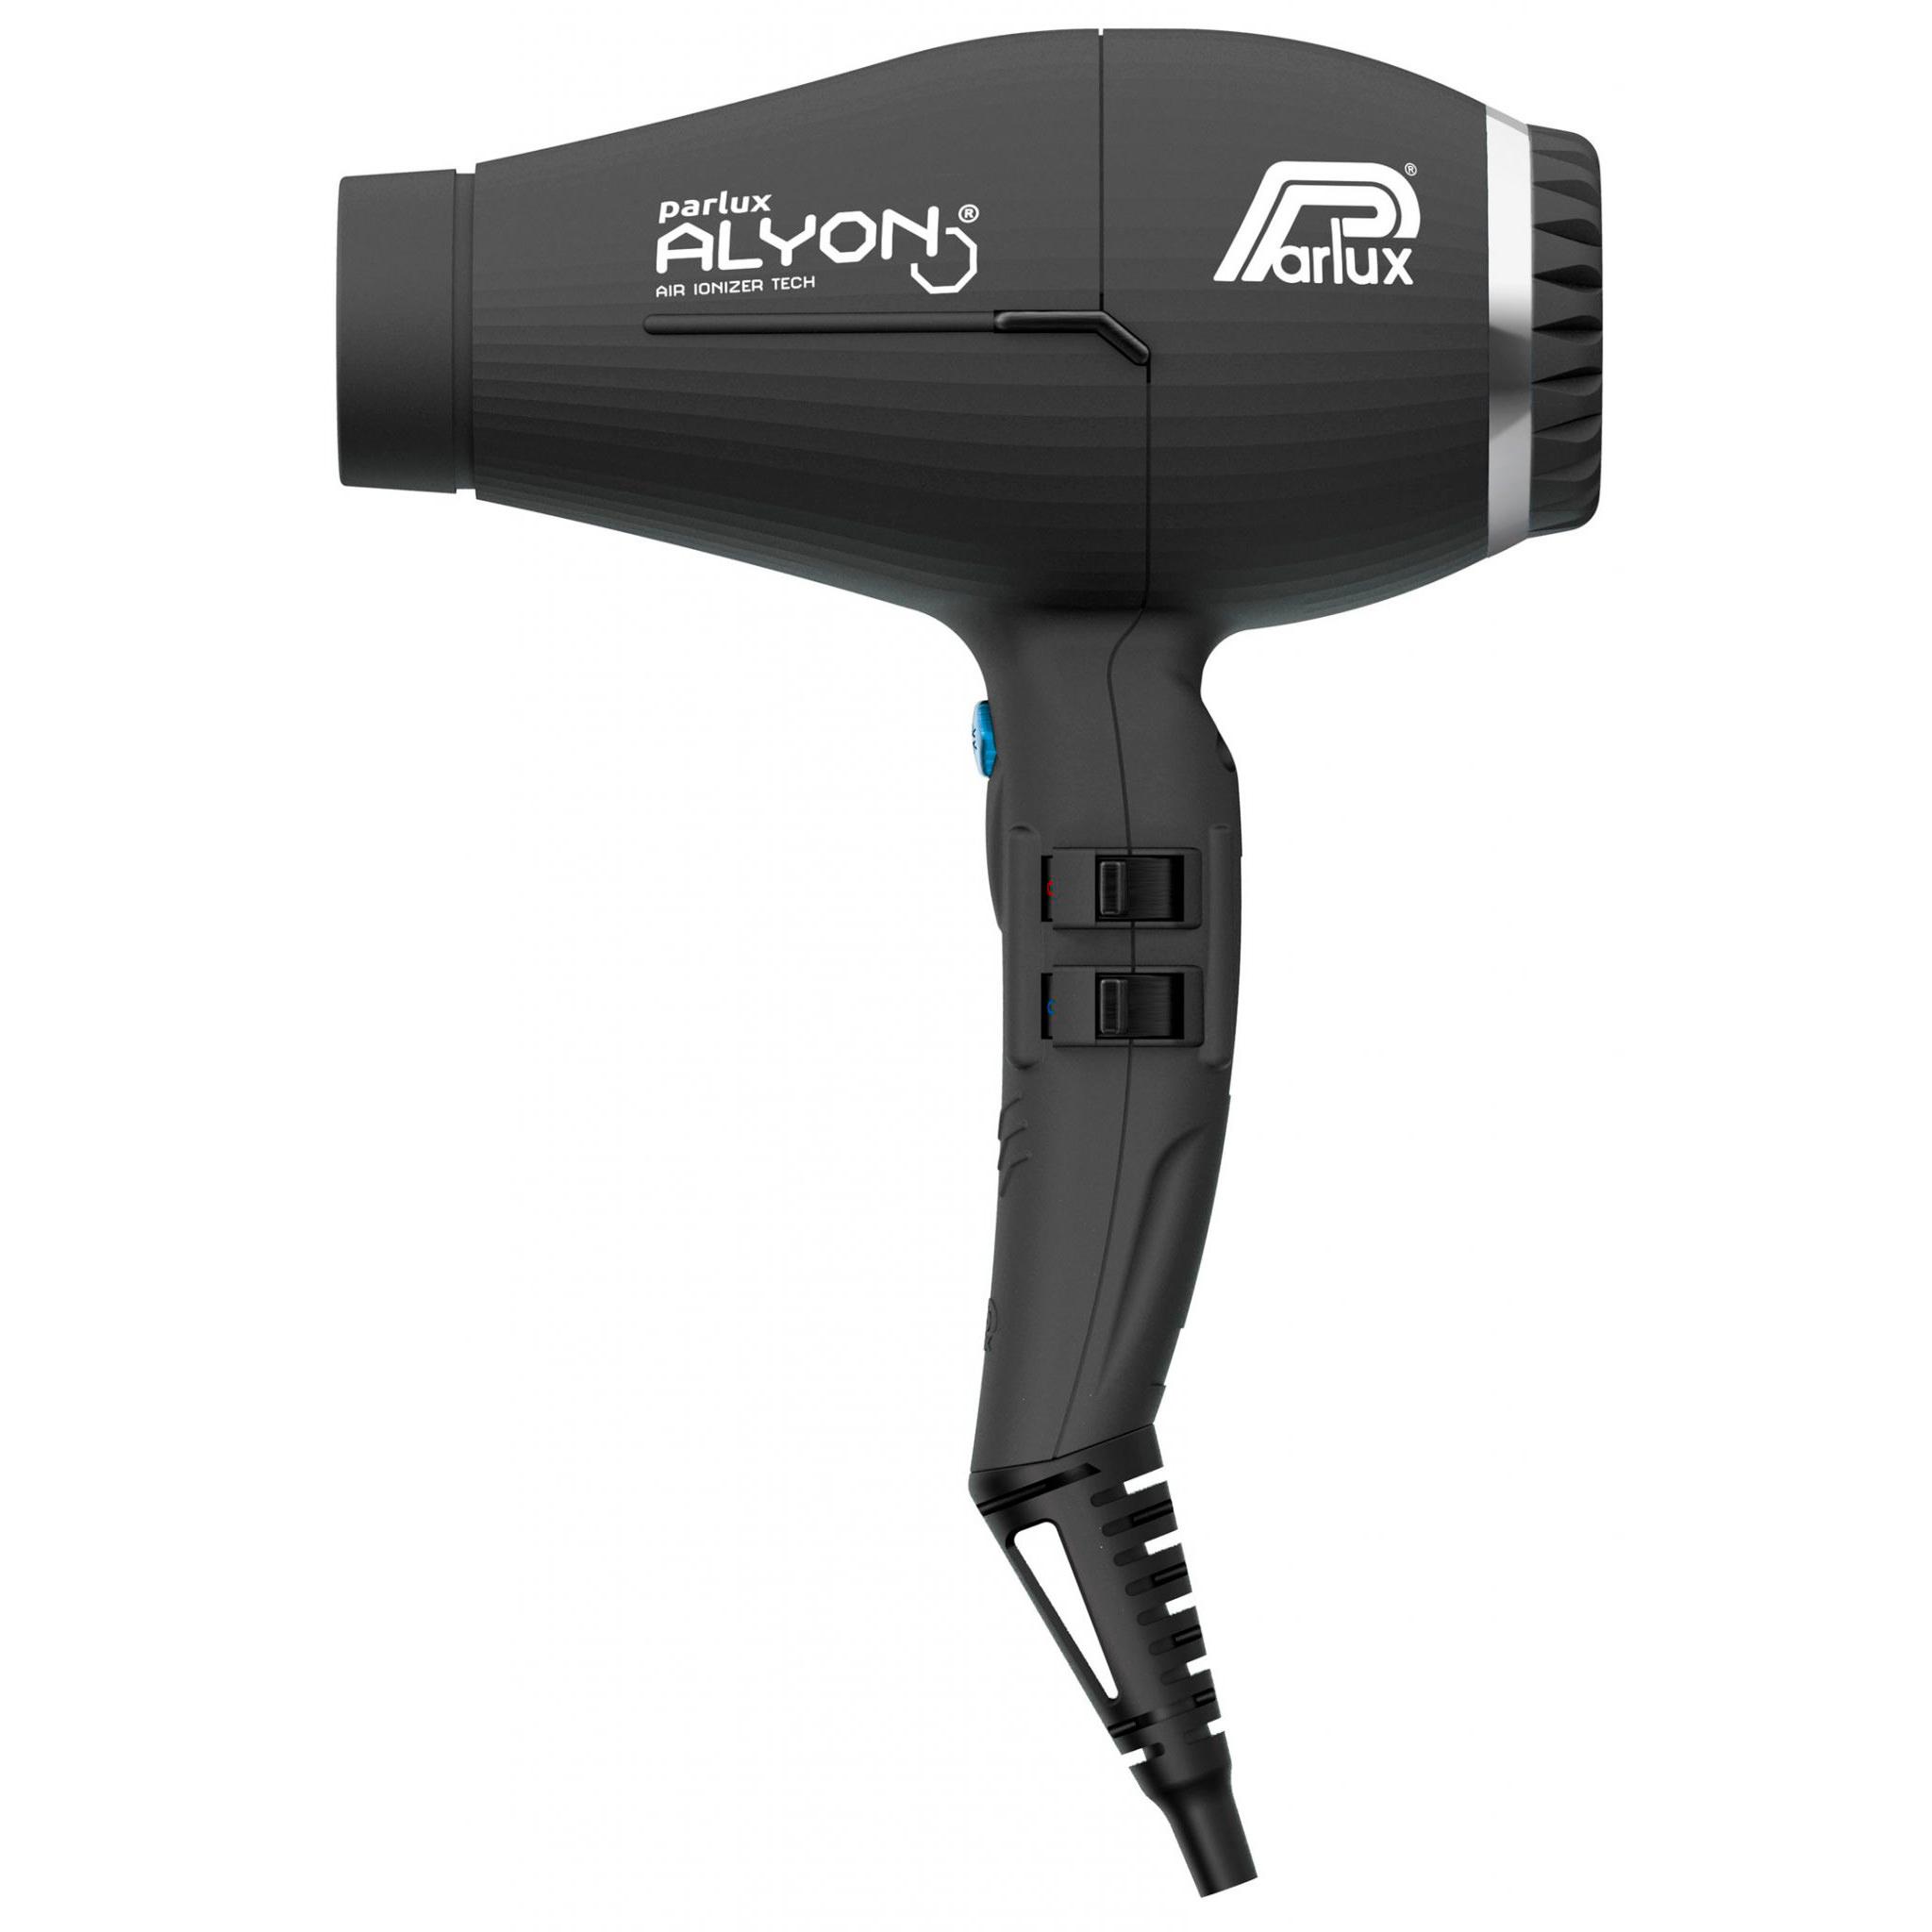 secador-de-pelo-profesional-parlux-alyon-negro